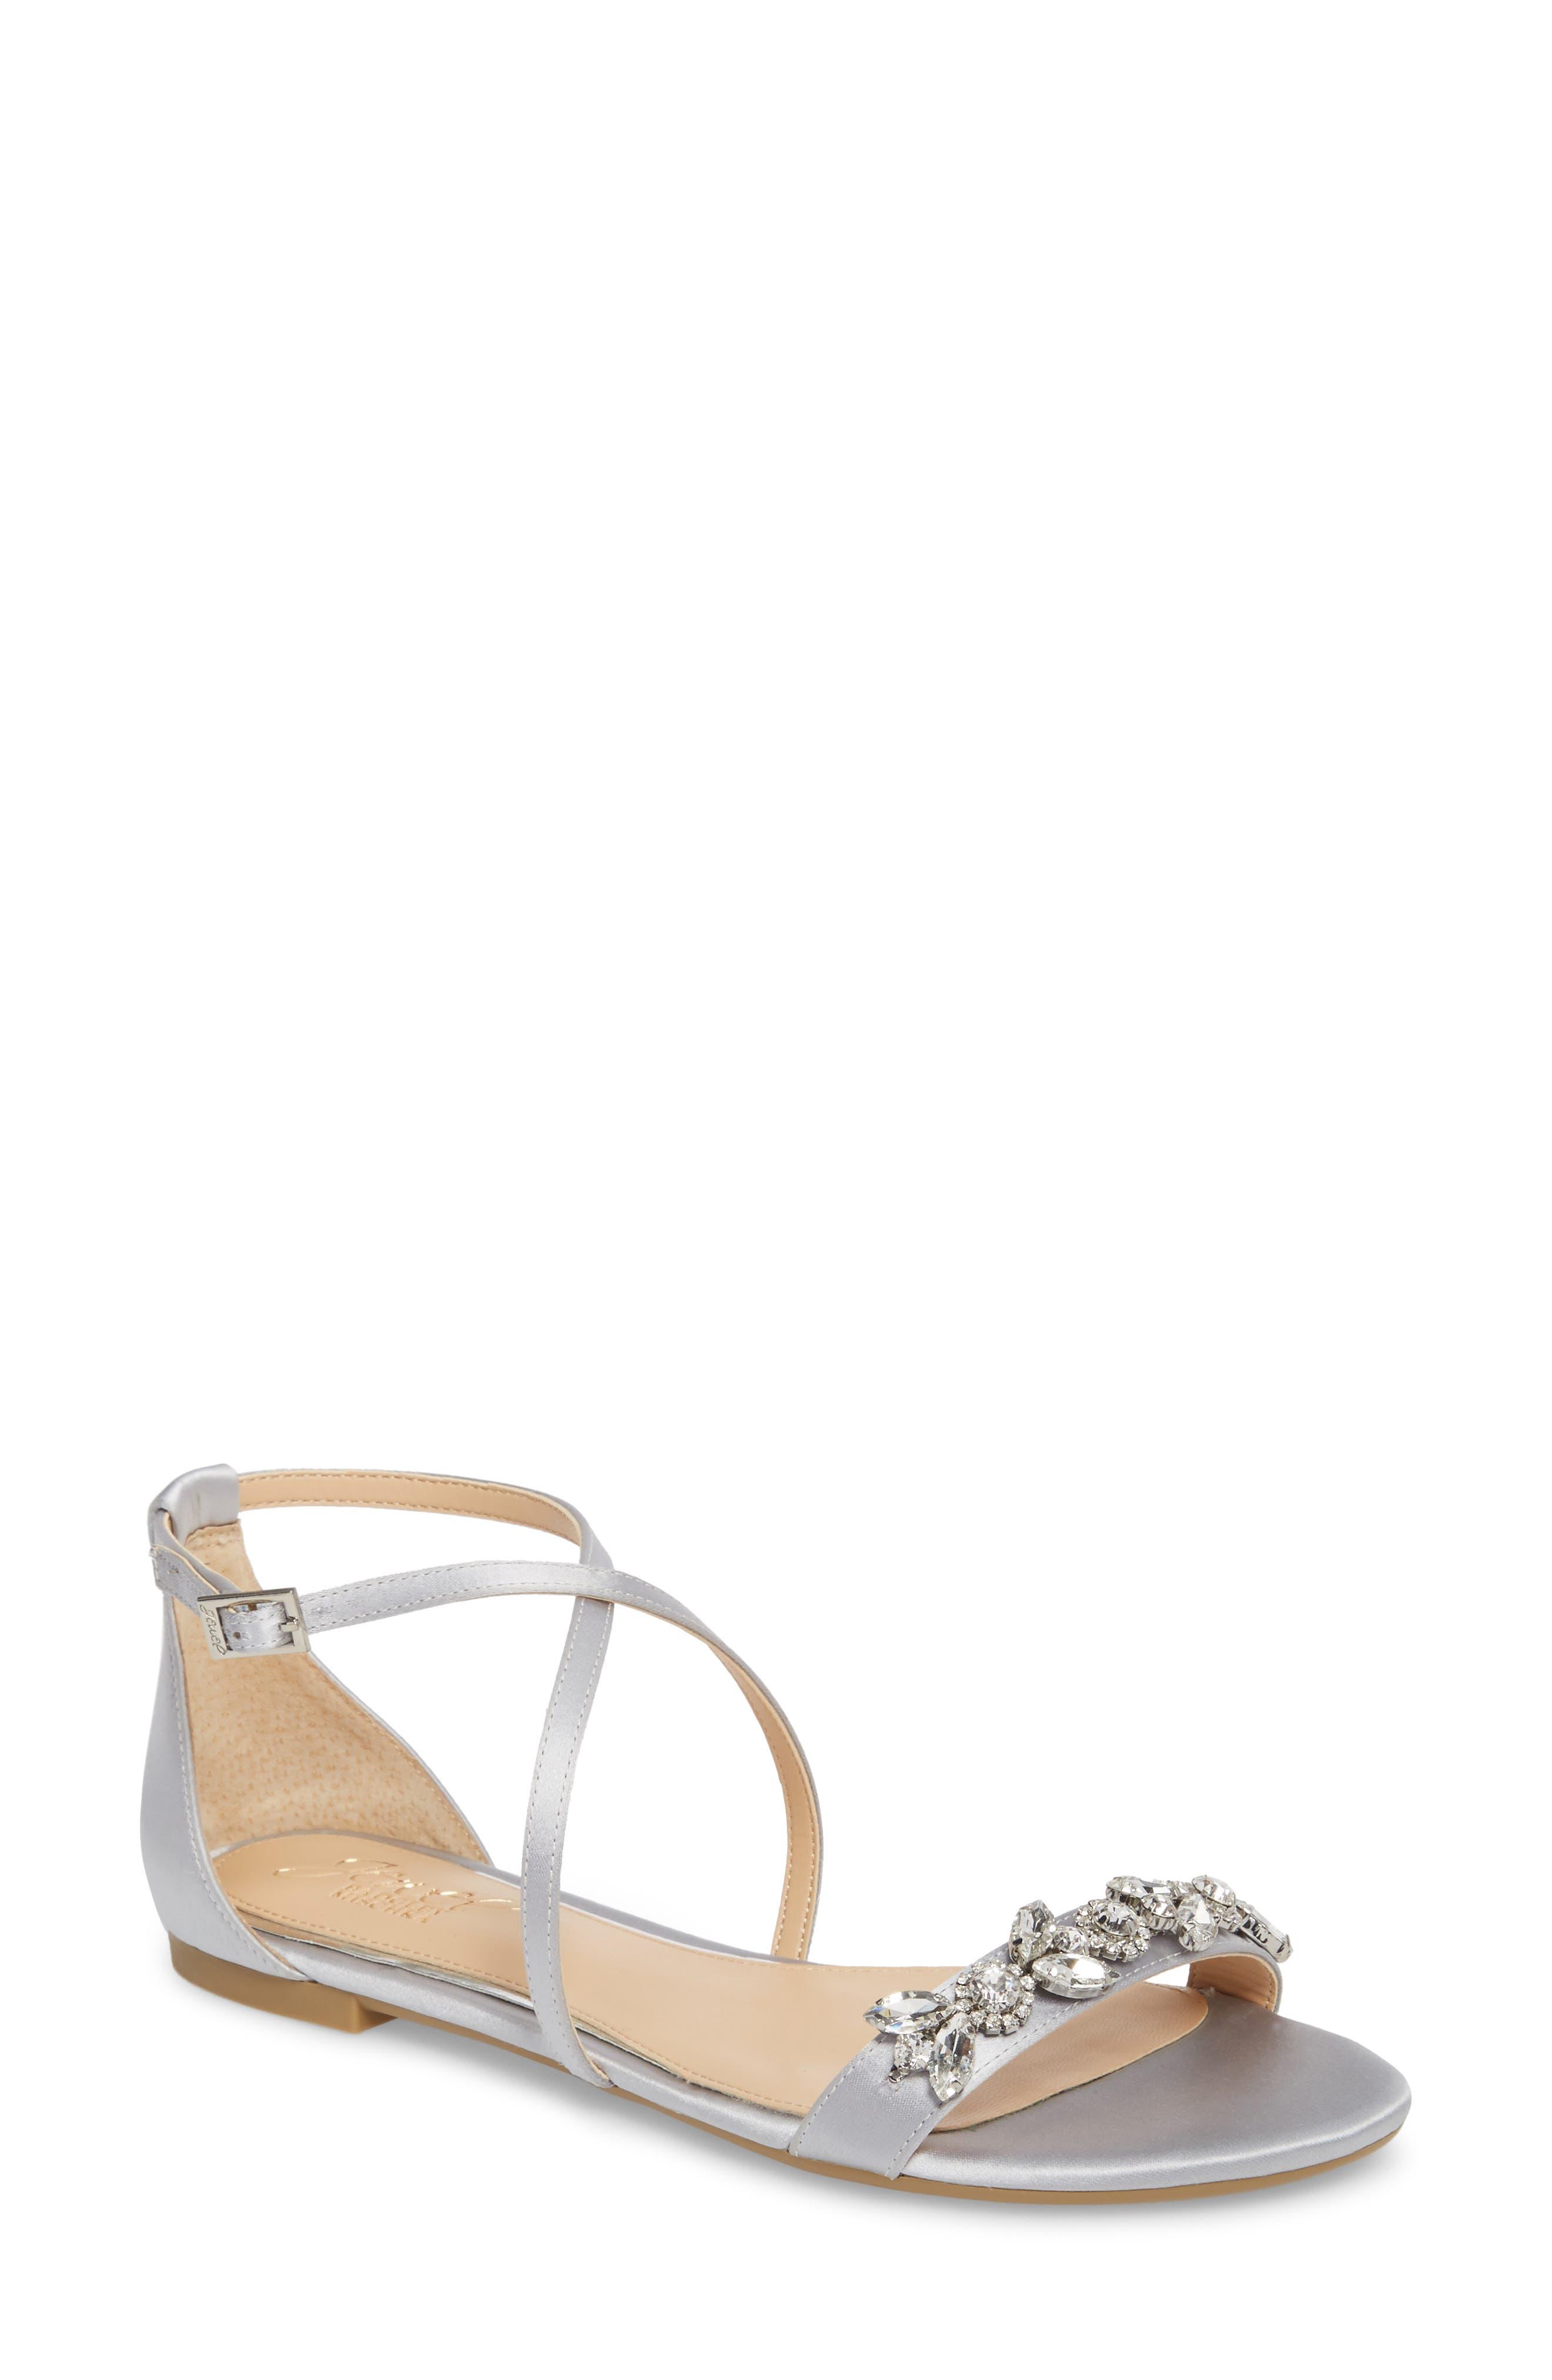 Tessy Embellished Sandal,                         Main,                         color, Silver Satin